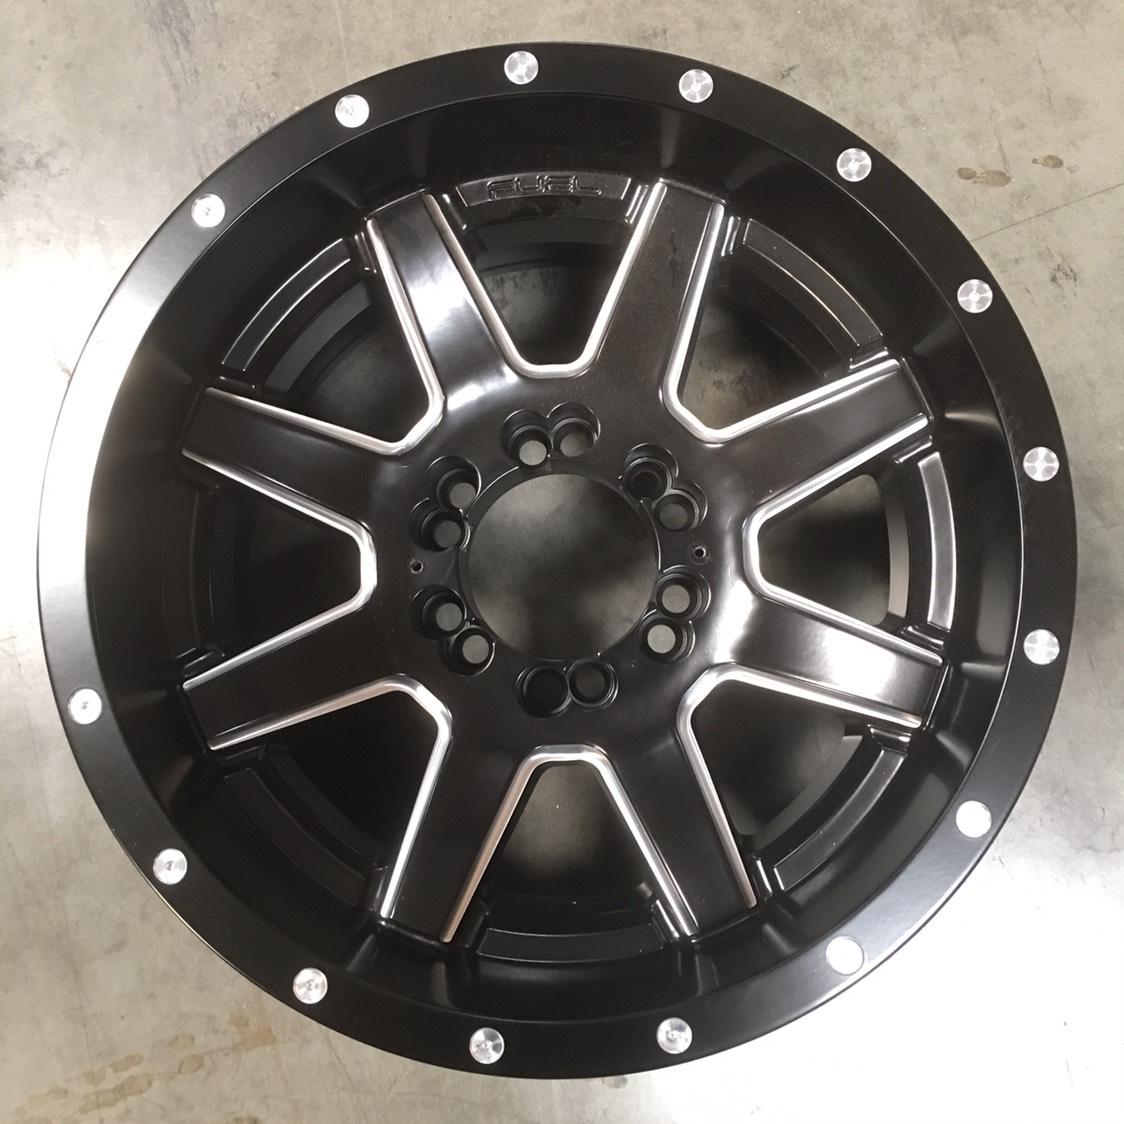 Used 17x10 Fuel D538 Maverick 6x135/6x139.7 -12 Black